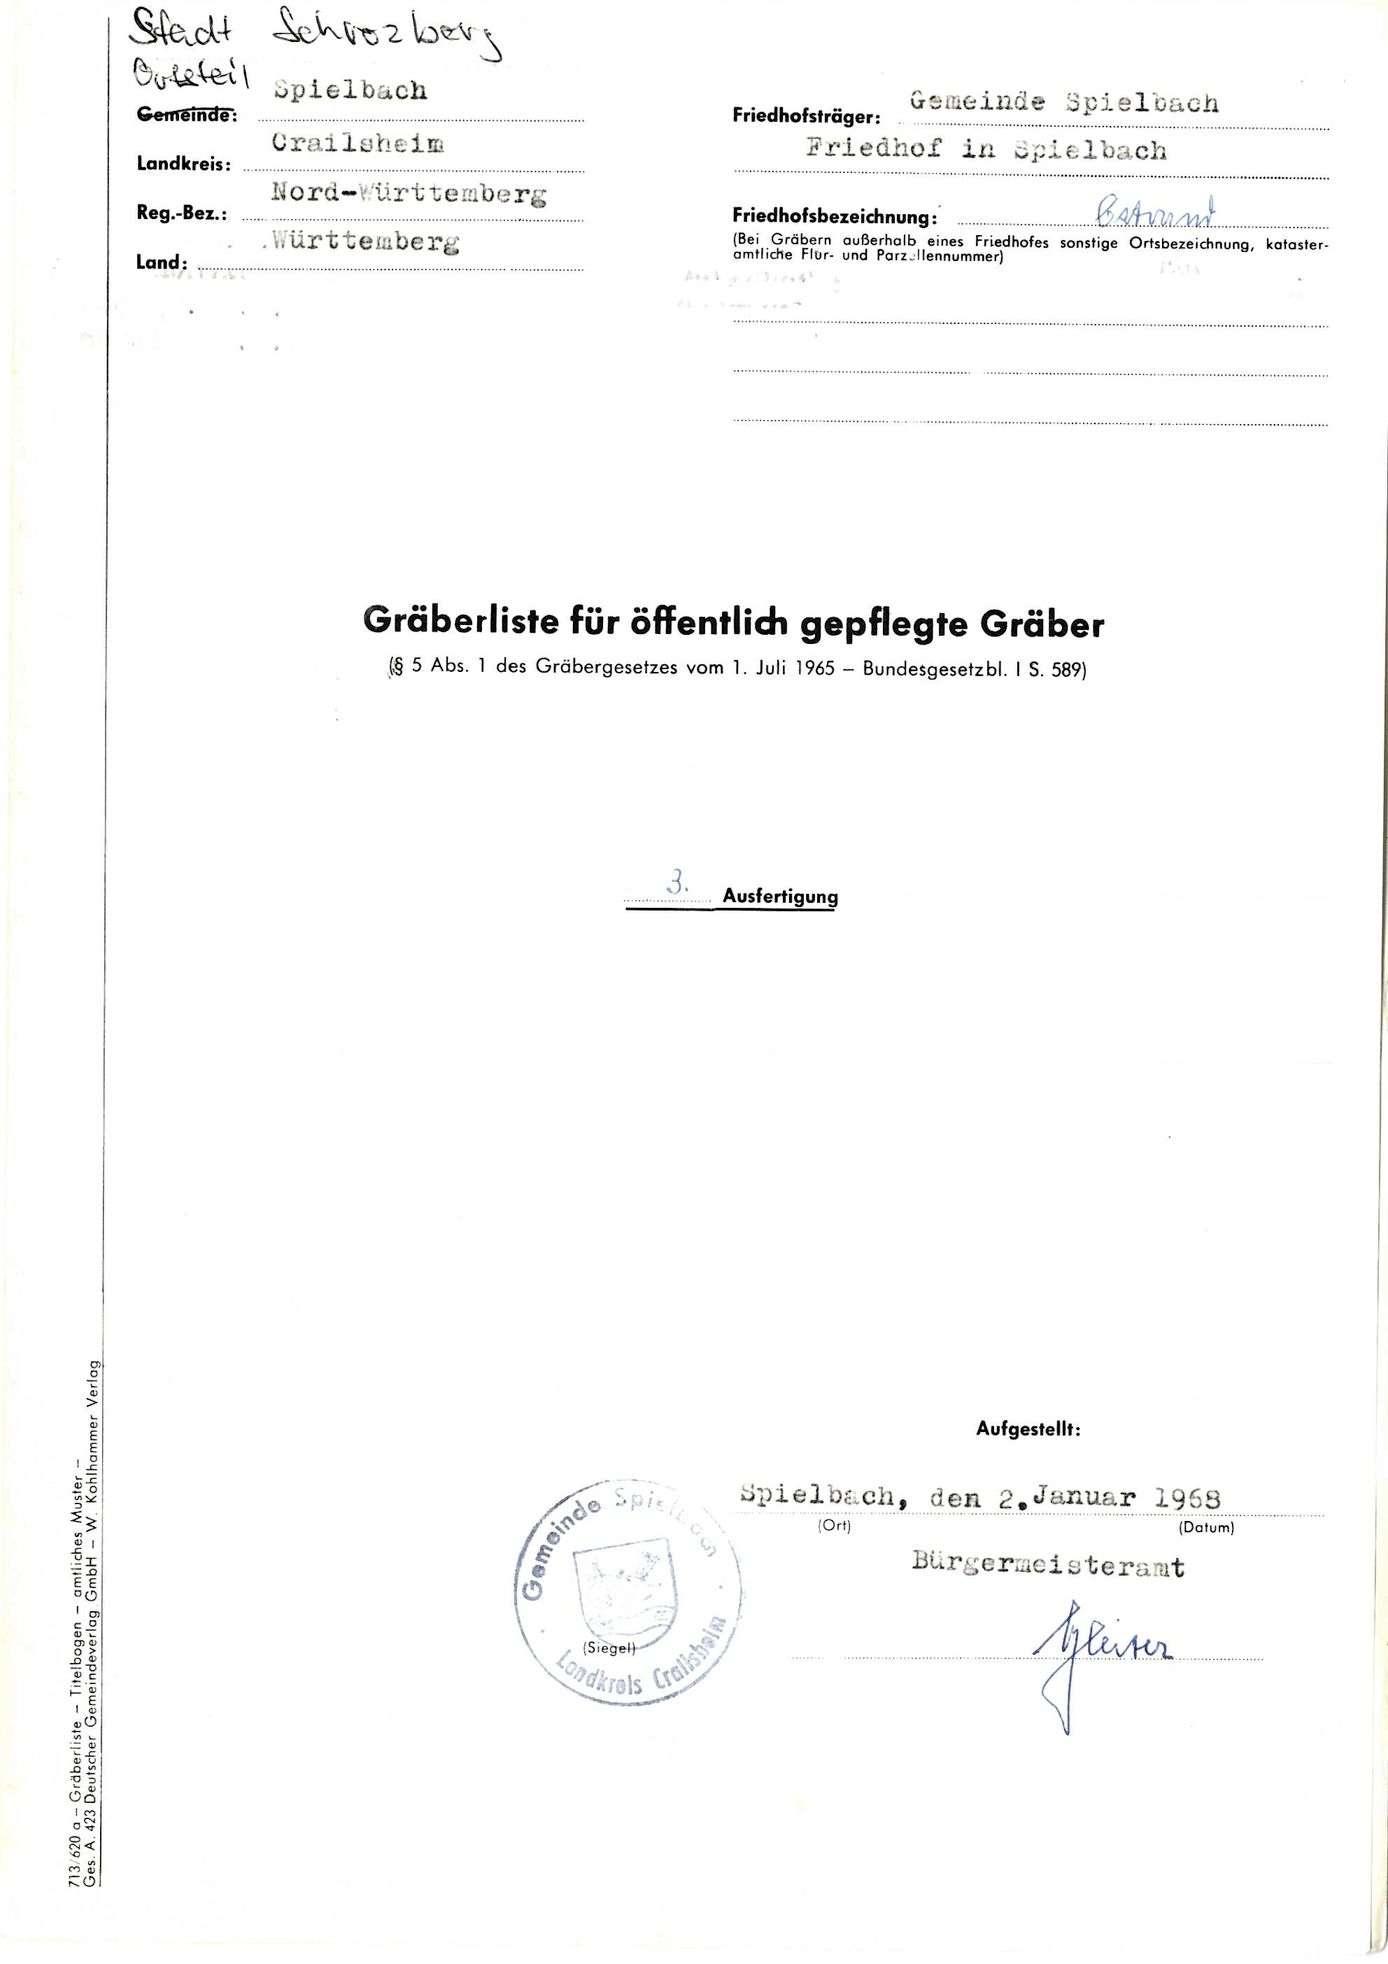 Spielbach, Bild 1